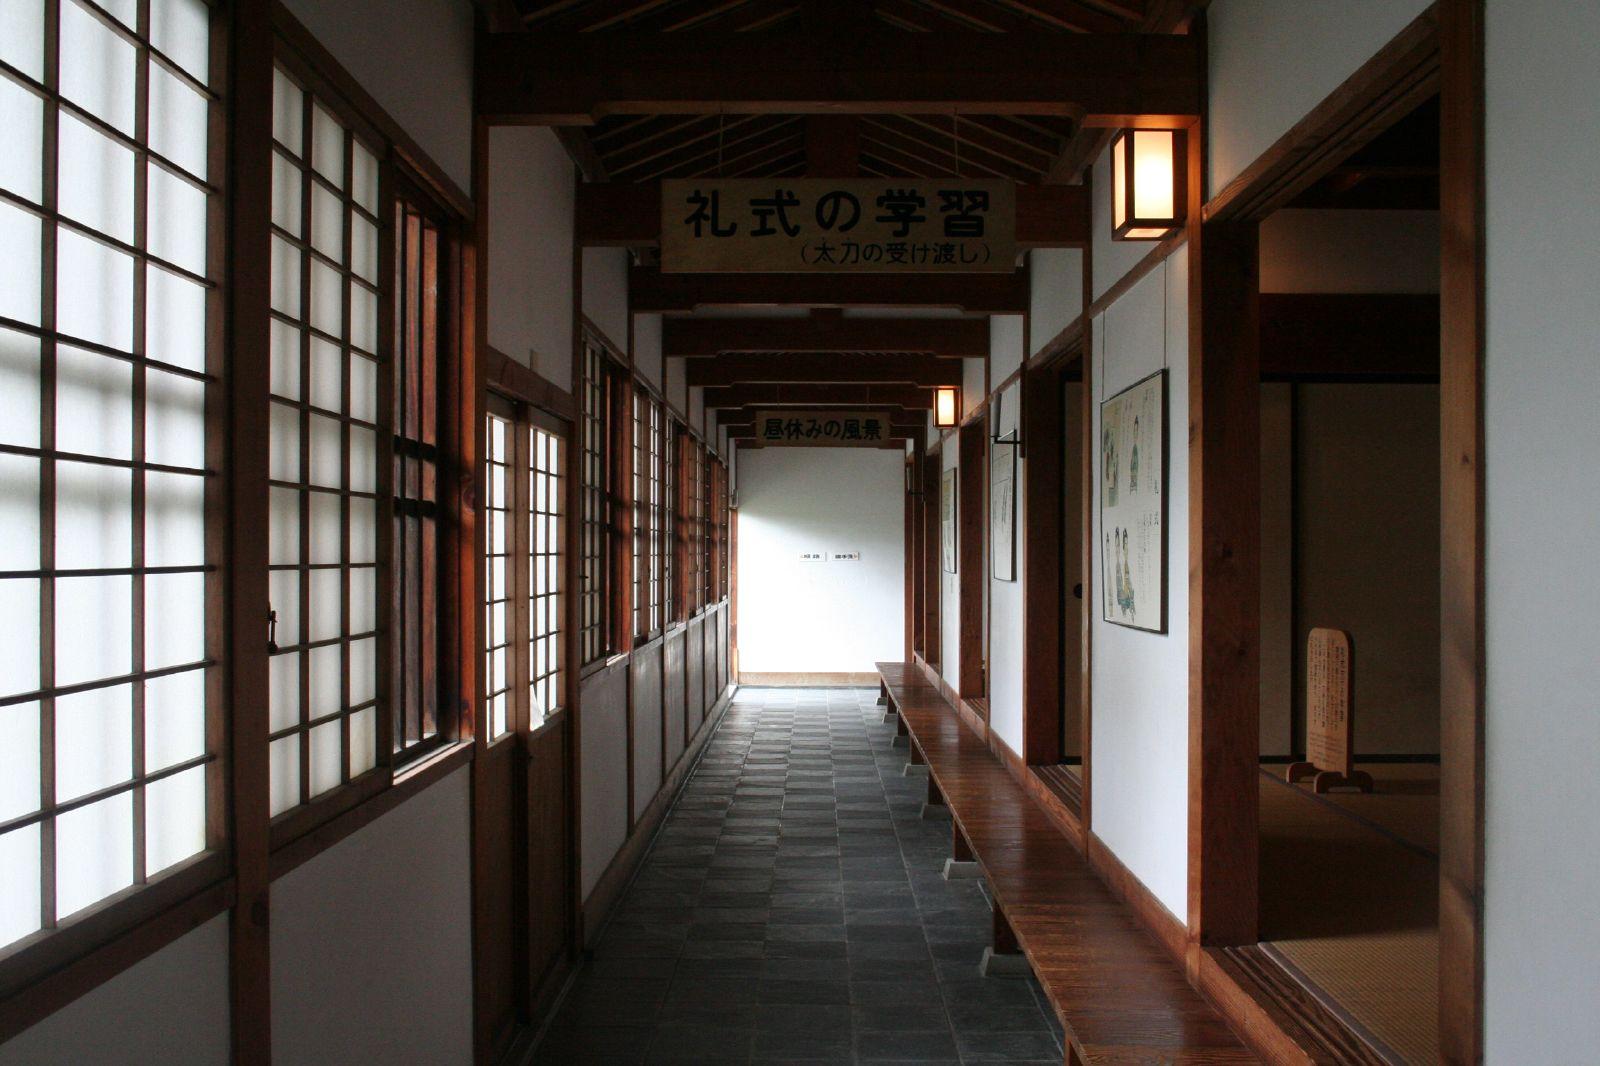 Samurai school corridor